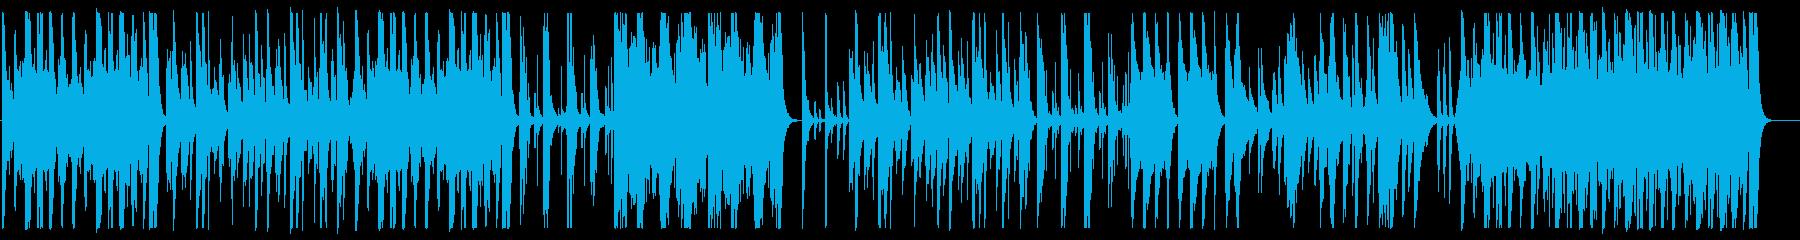 滑らかで優雅なクラシカルサウンドの再生済みの波形